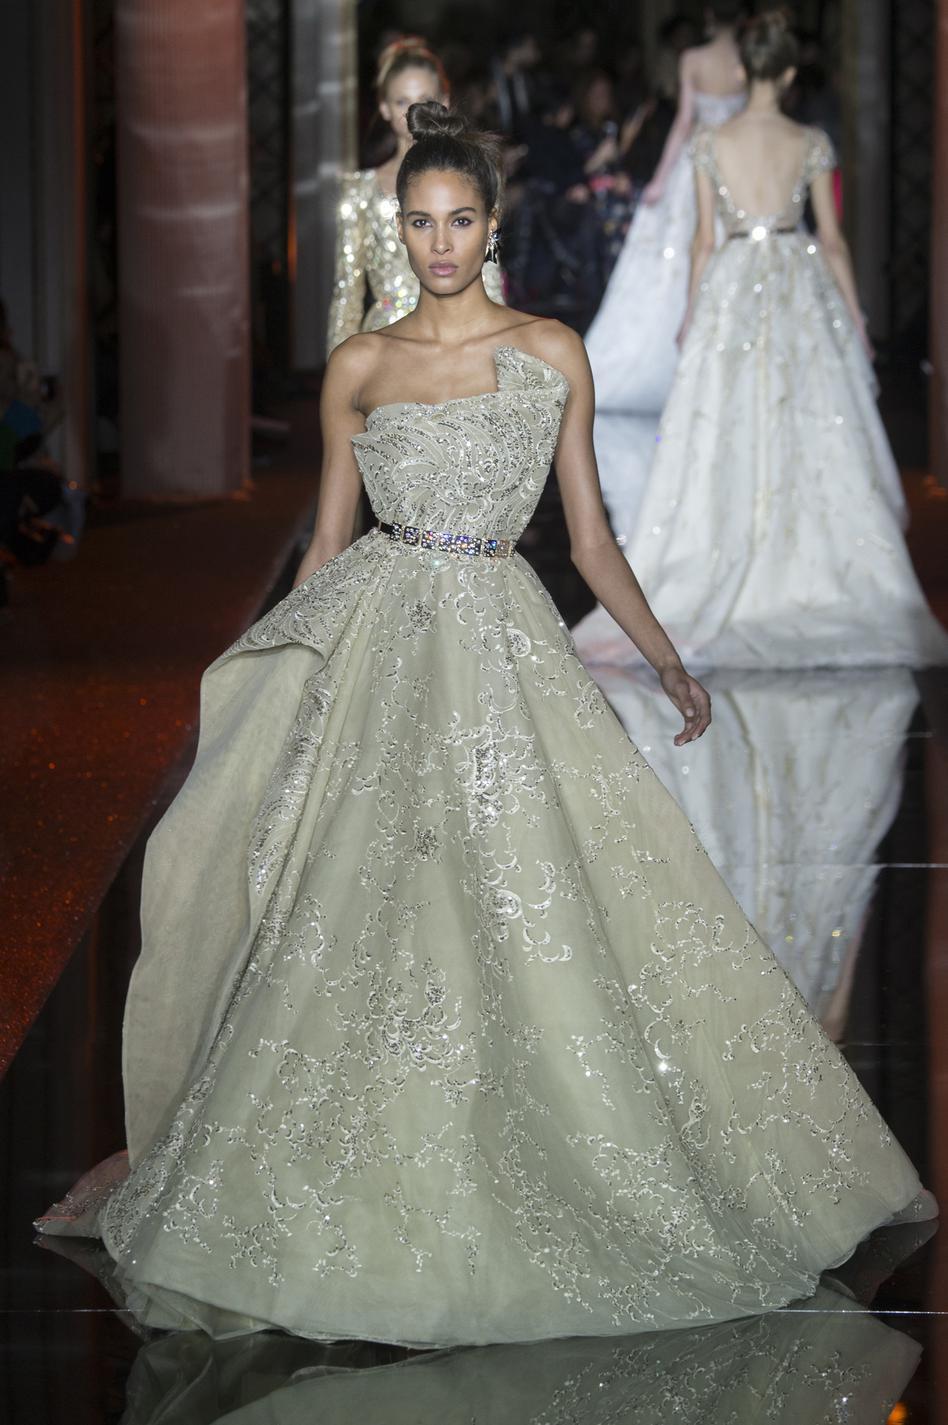 b690ae4e6b271f Chanel, Dior, Elie Saab... Les plus belles robes couture printemps ...